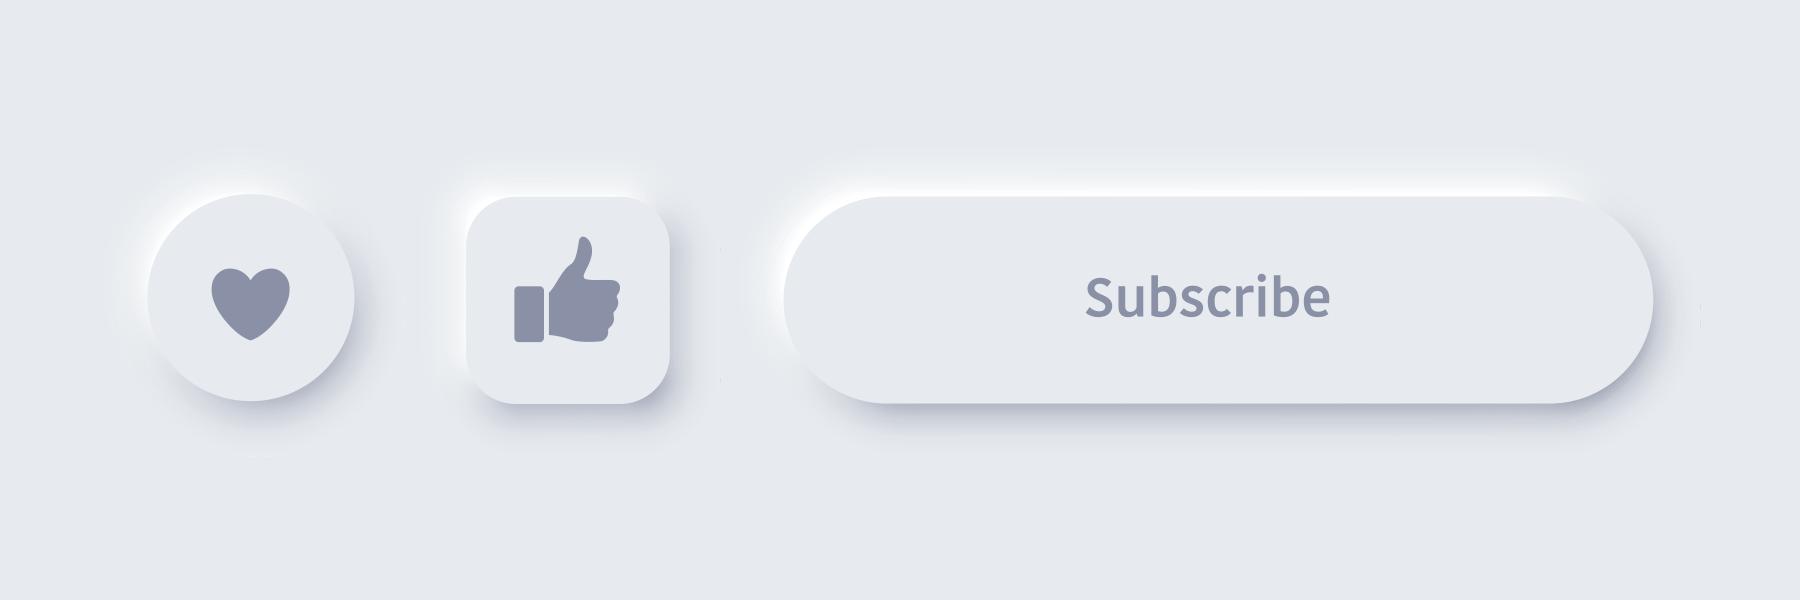 アイコンやテキストのボタンイメージ